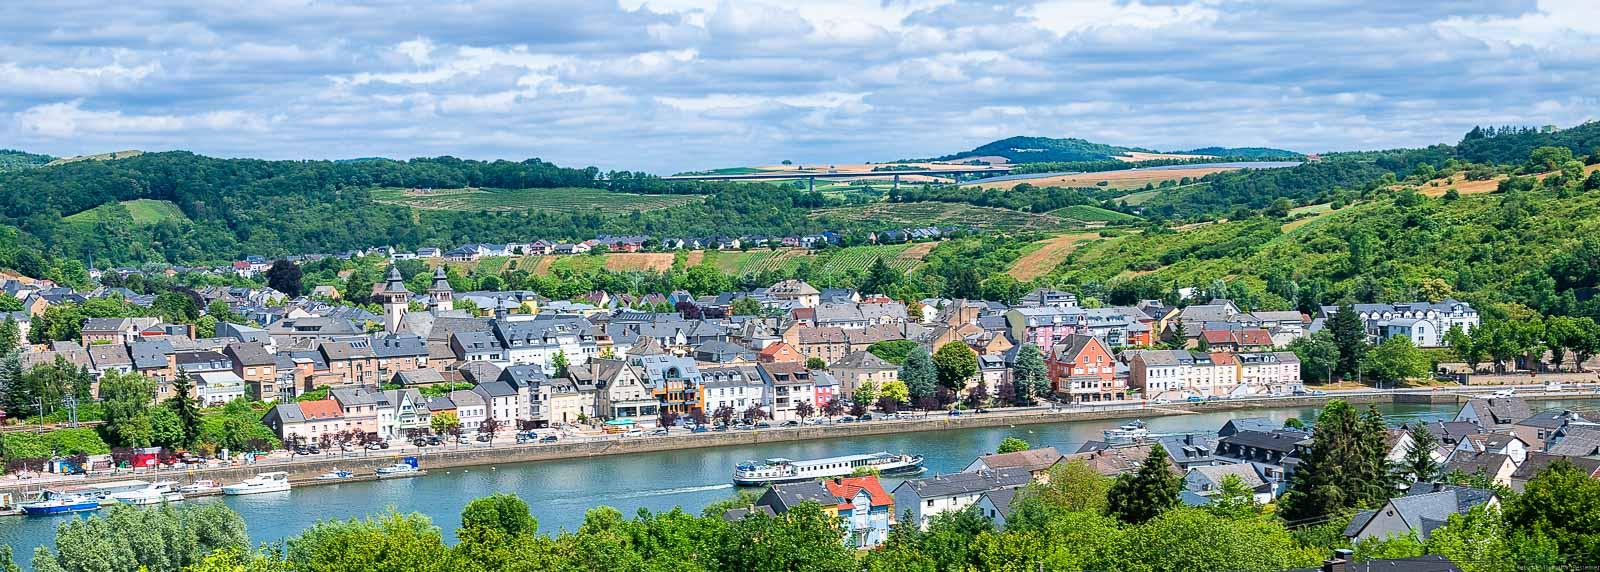 Im Vordergrund fließt die Mosel. Am anderen Ufer liegt der Ort Luxemburg. Im Hintergrund liegen Weinberge. Man erkennt hinter dem Ort Wasserbillig den Langsurer Brüderberg am Ufer des Flusses Sauer. Der Himmel ist bewölkt.